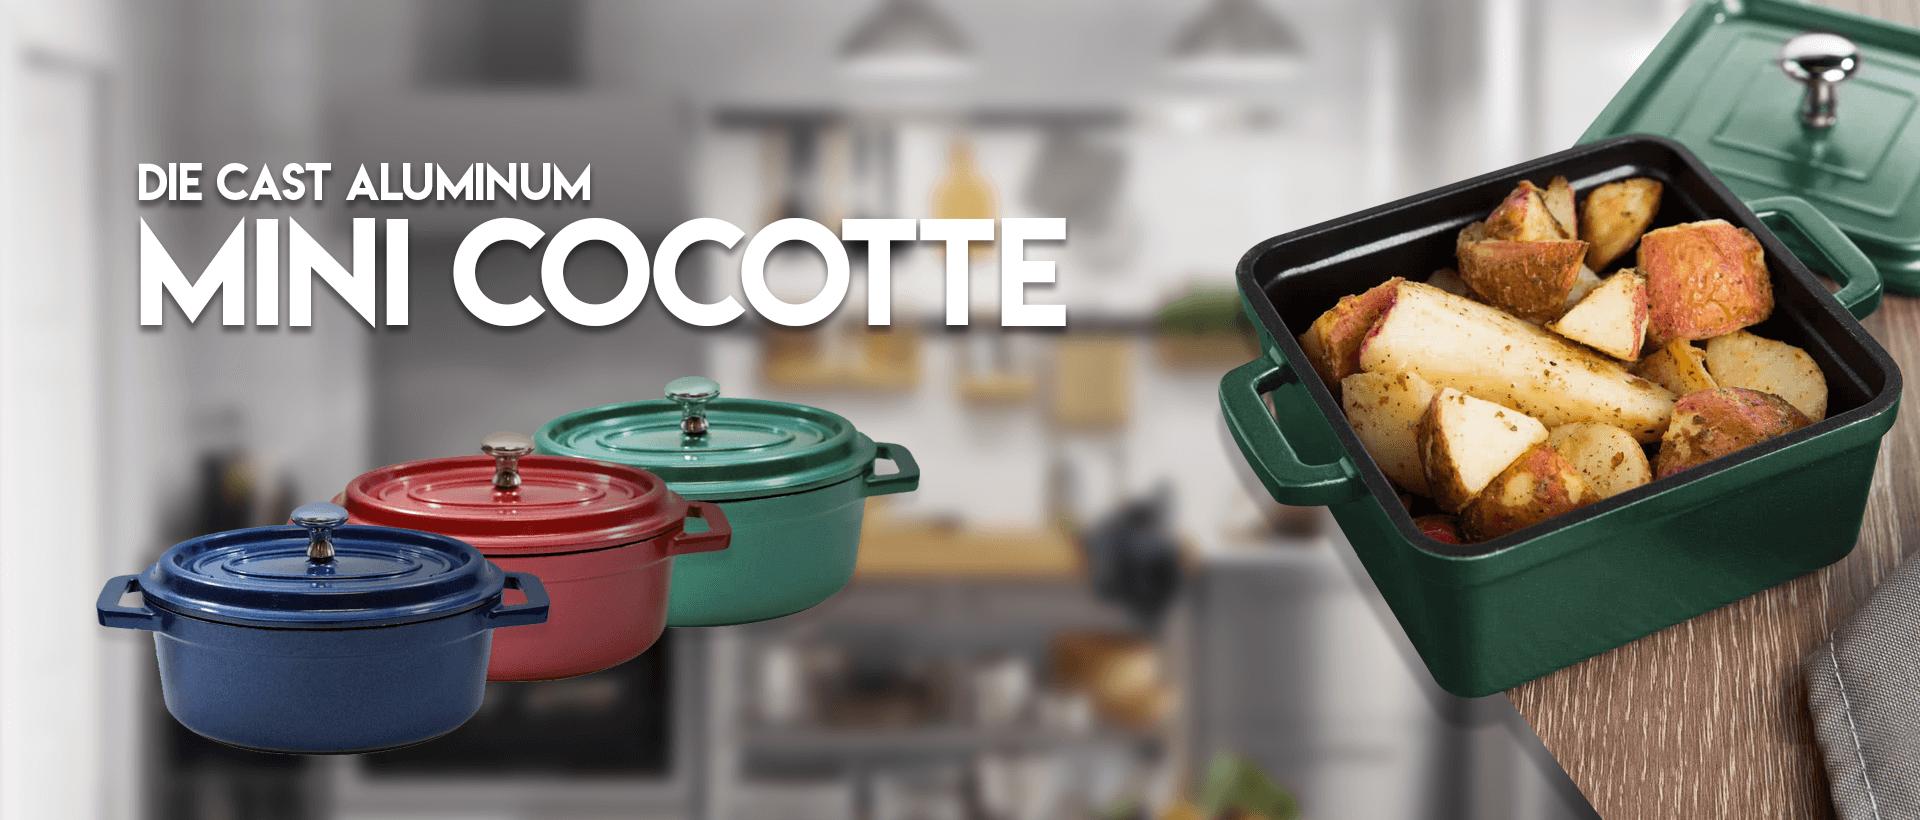 Die Cast Mini Cocotte